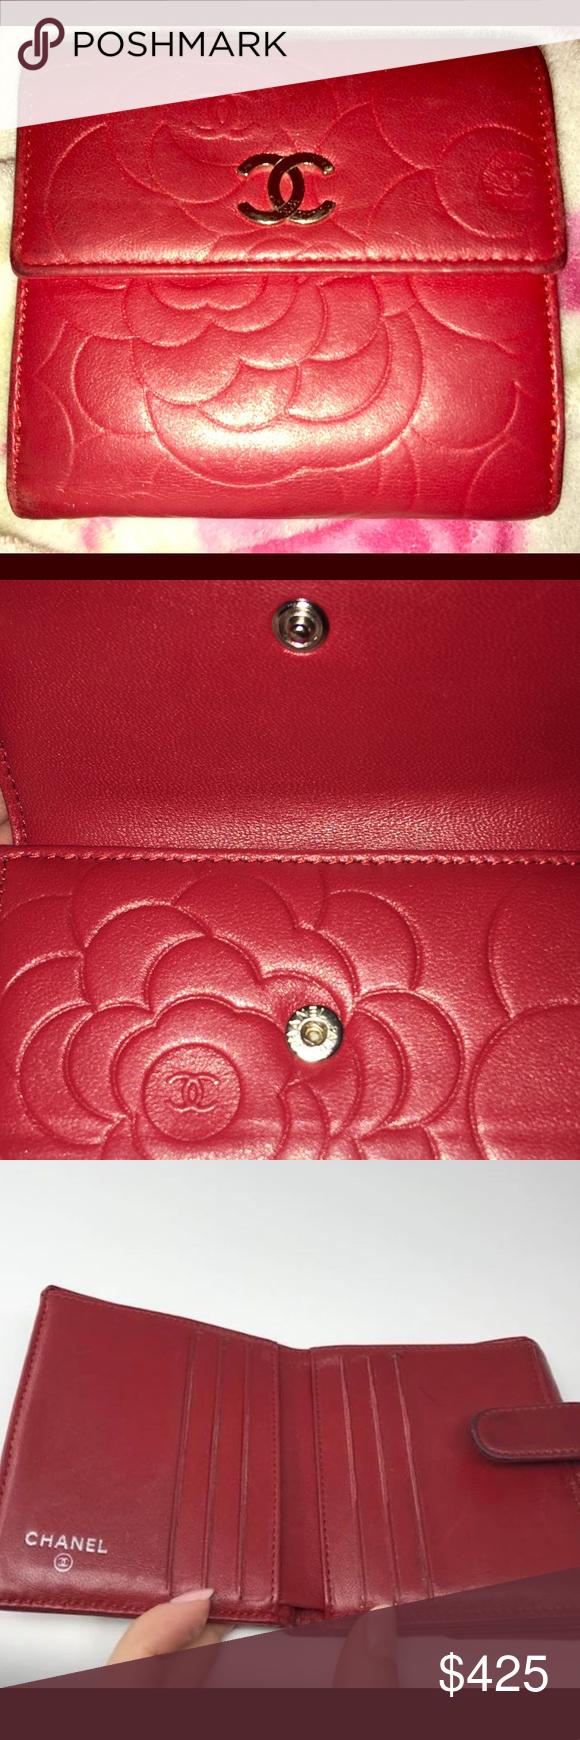 5f2910b9ed40 CHANEL Red Camellia Flower Bi-Fold Wallet CHANEL Red Camellia Flower Bi-Fold  Wallet